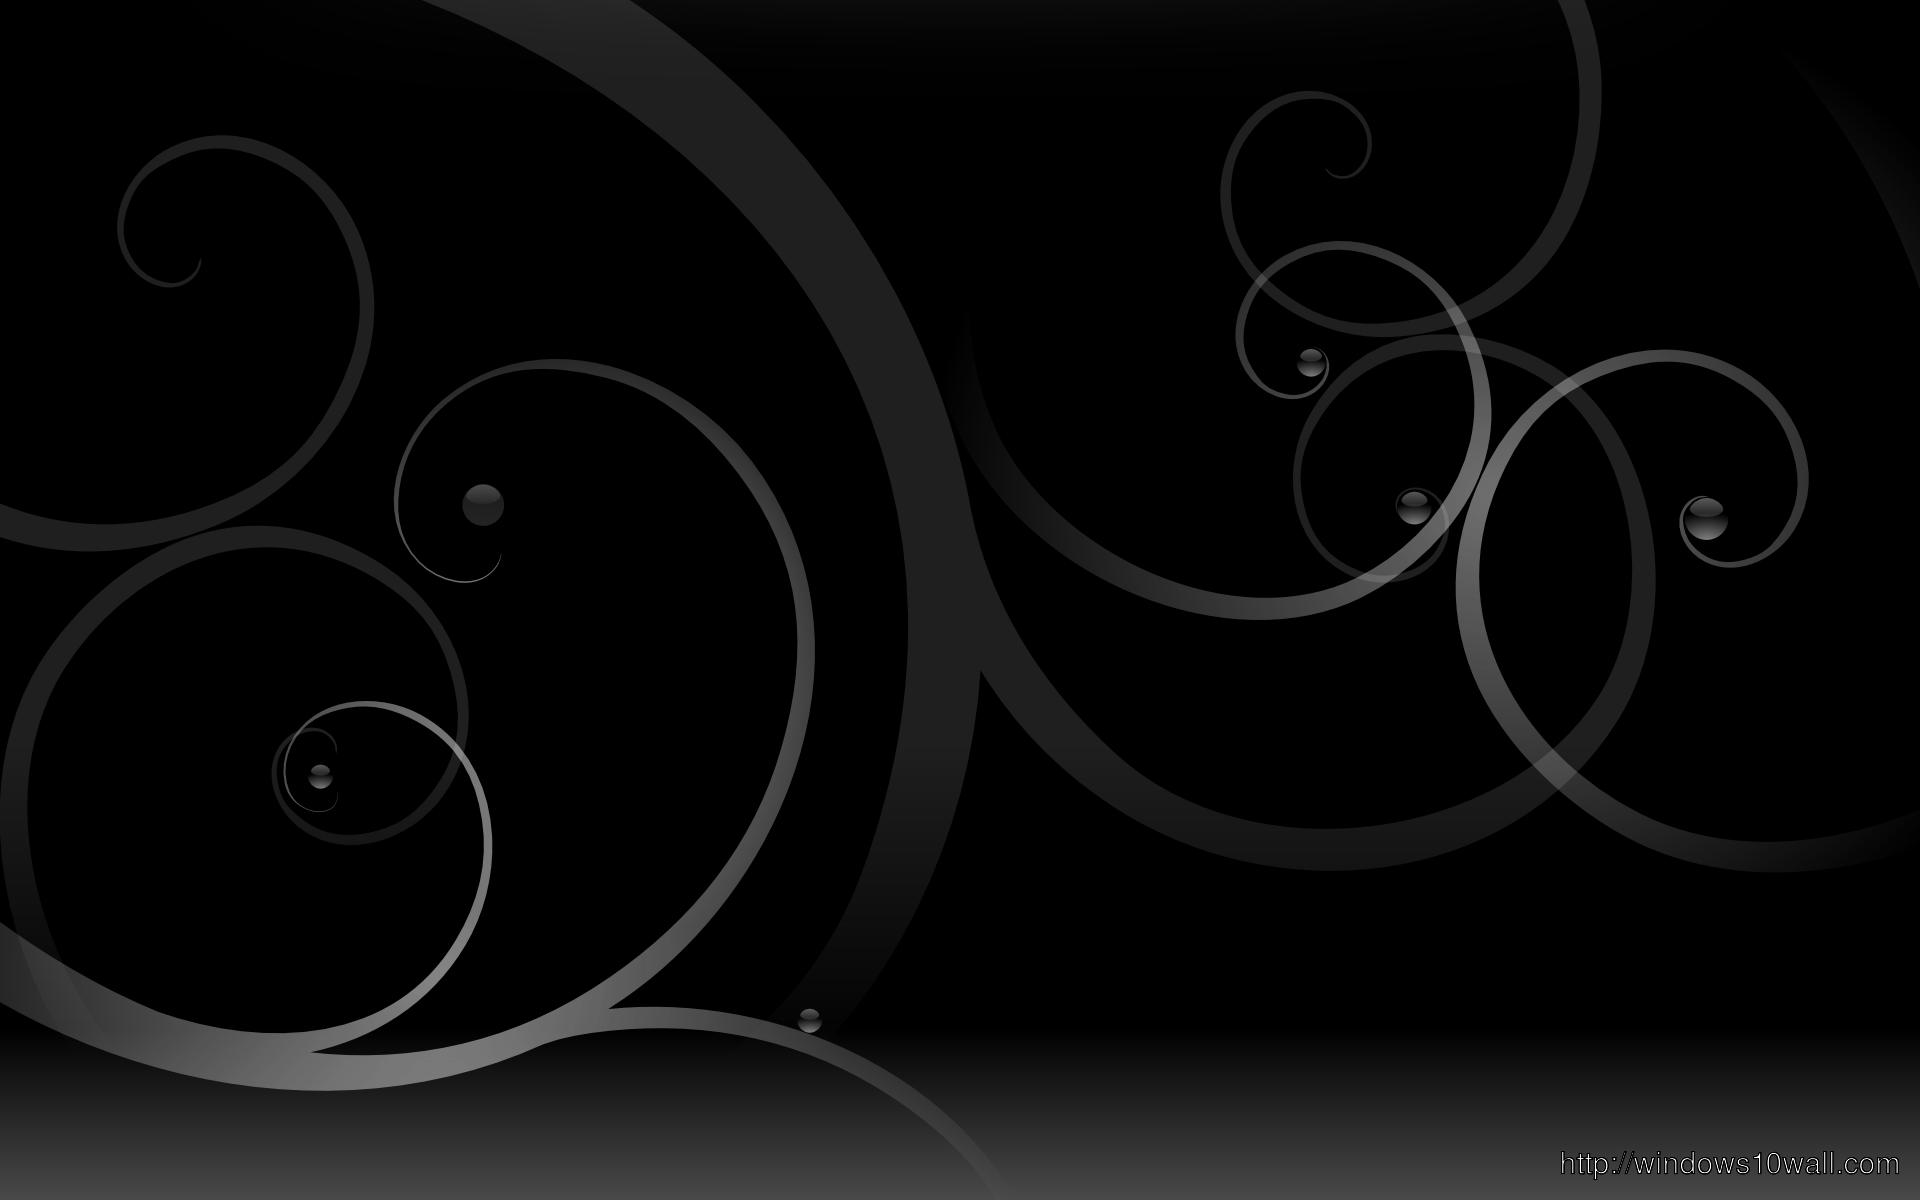 Background Image Dark Black